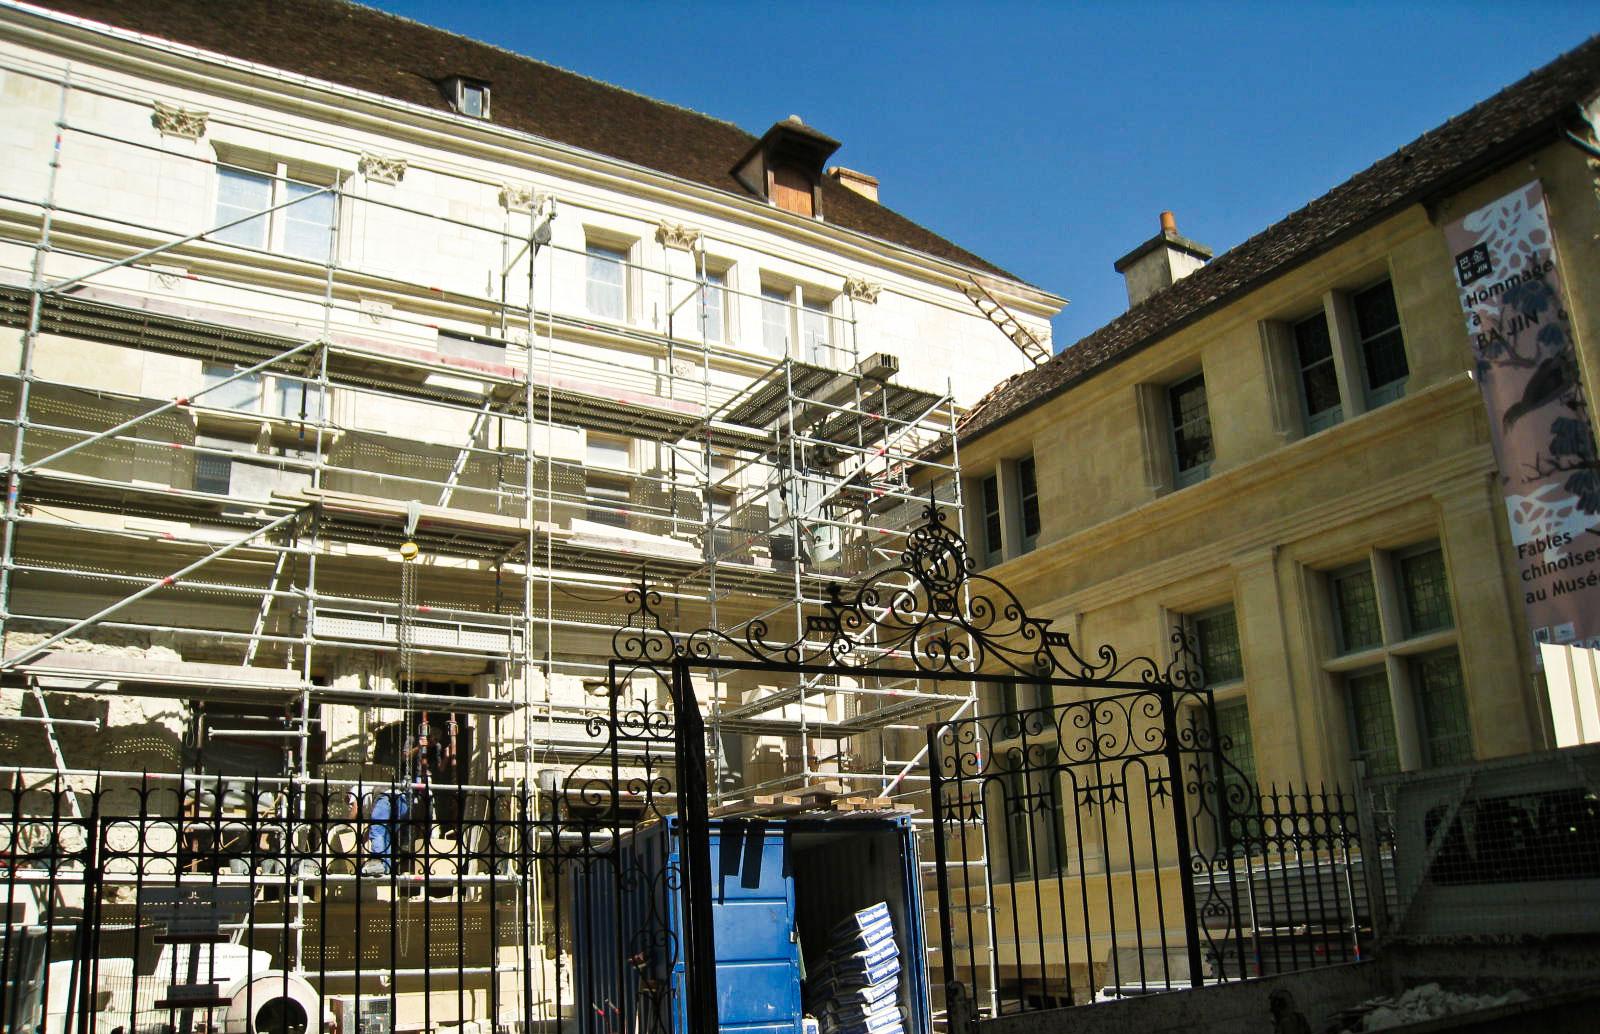 Le voile est lev la restauration est visible for Restauration facade maison